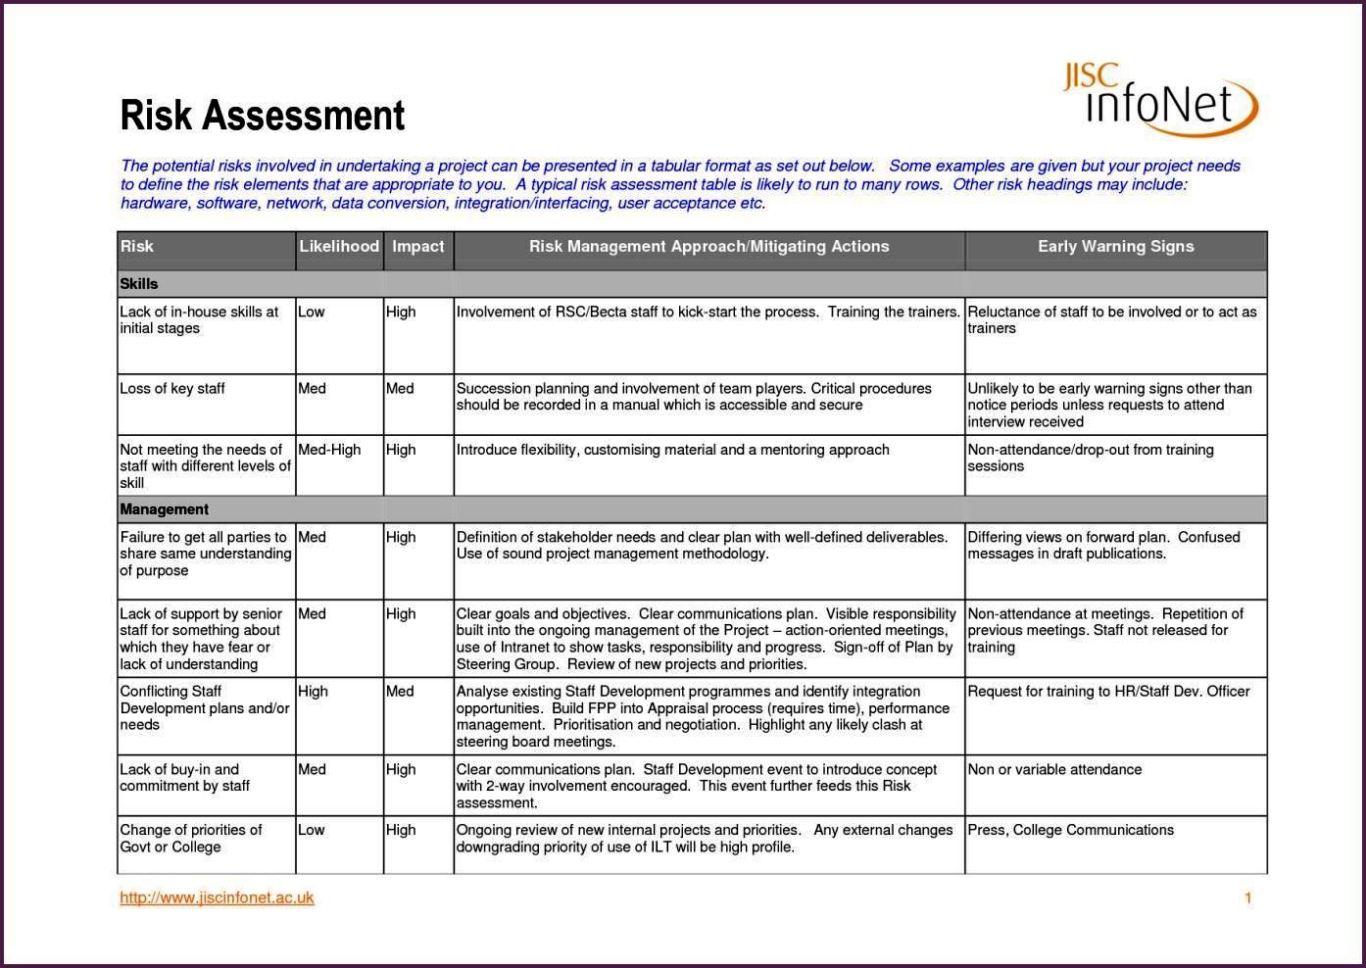 manual handling risk assessment word document